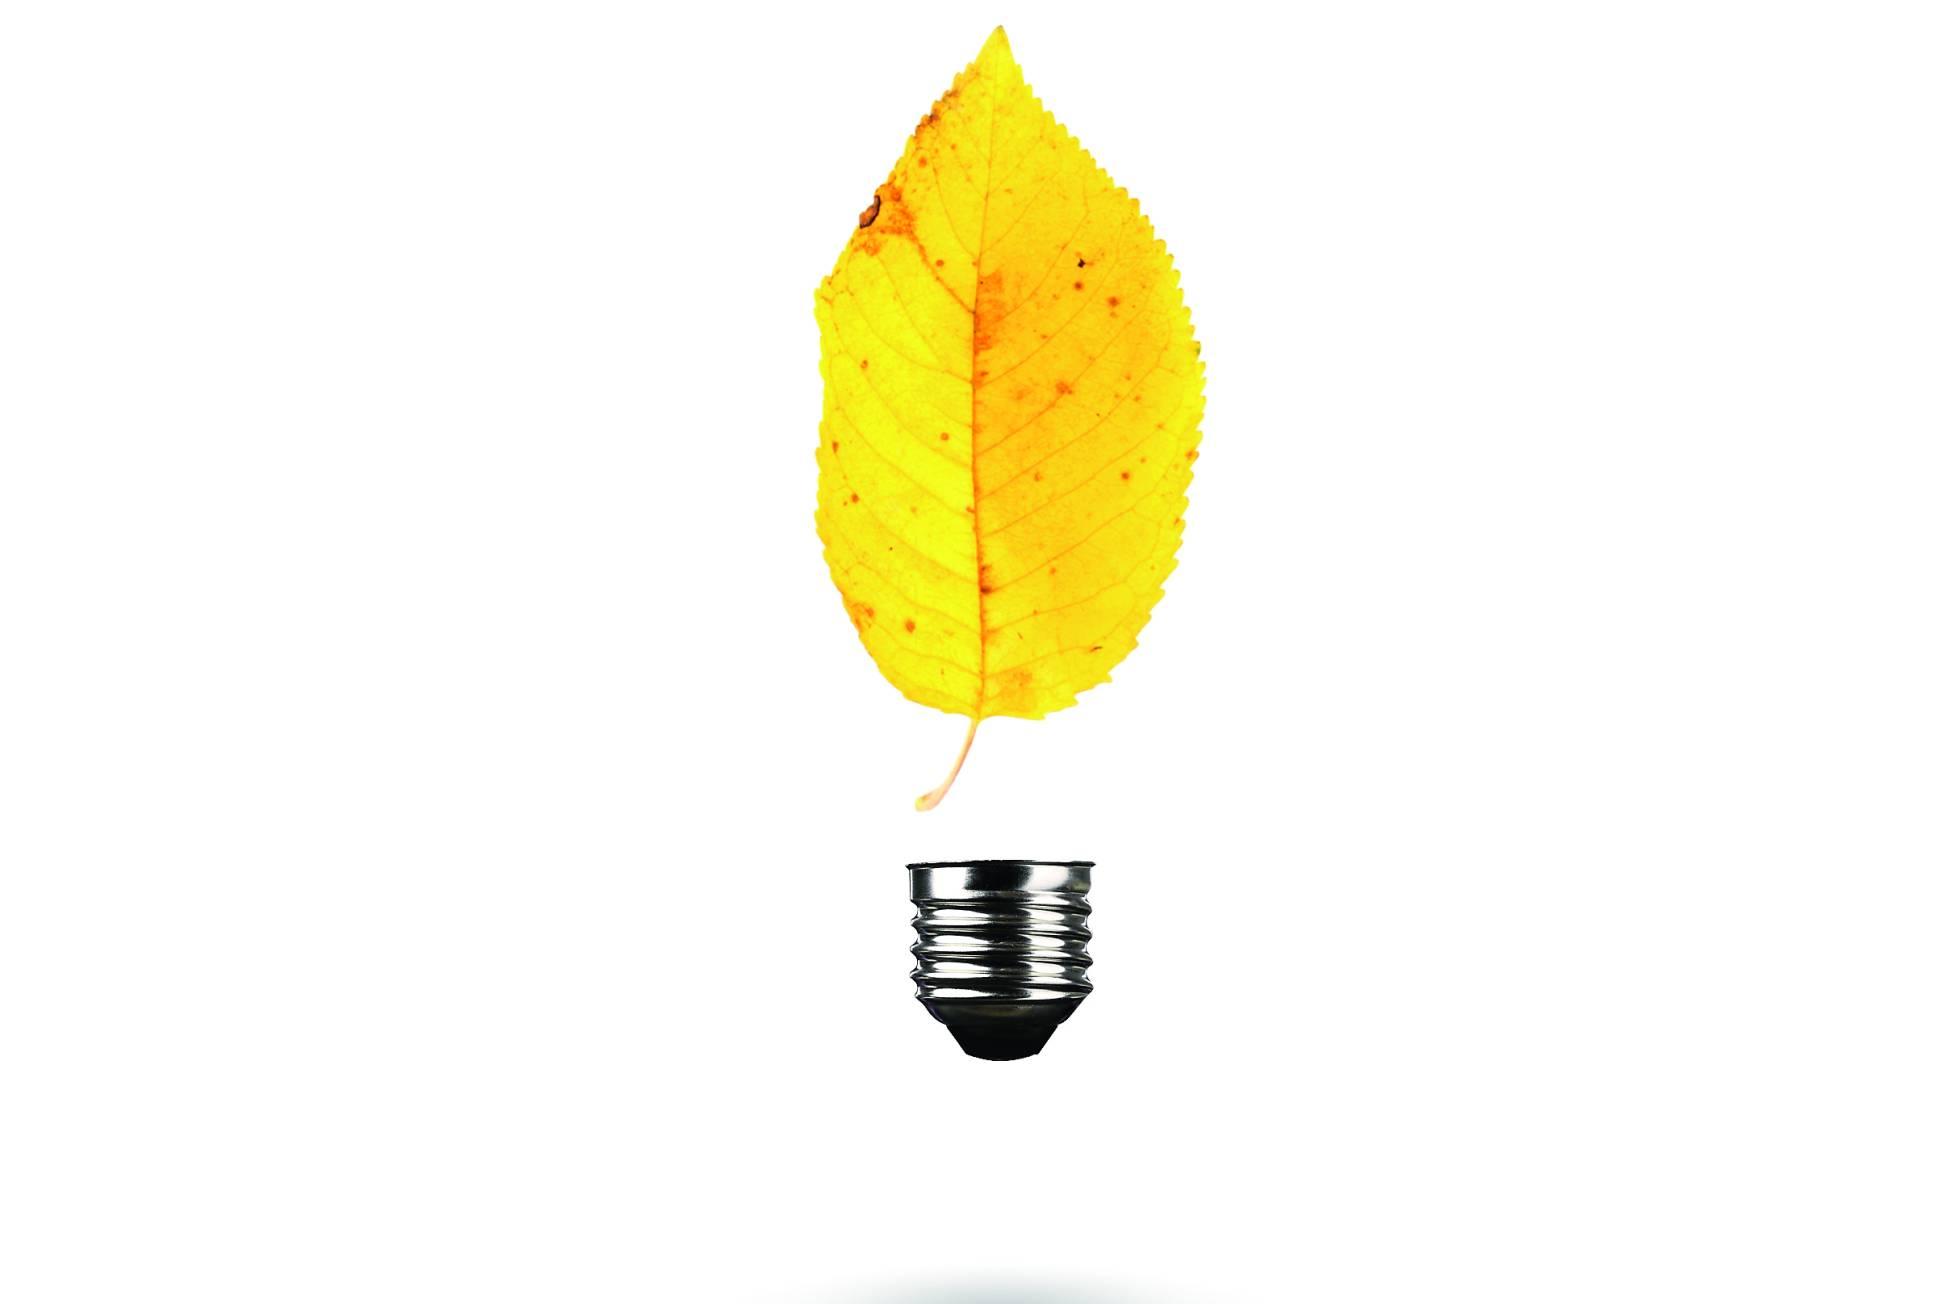 ¿Falta mucho para la energía limpia? Así avanza el lento divorcio del combustible fósil